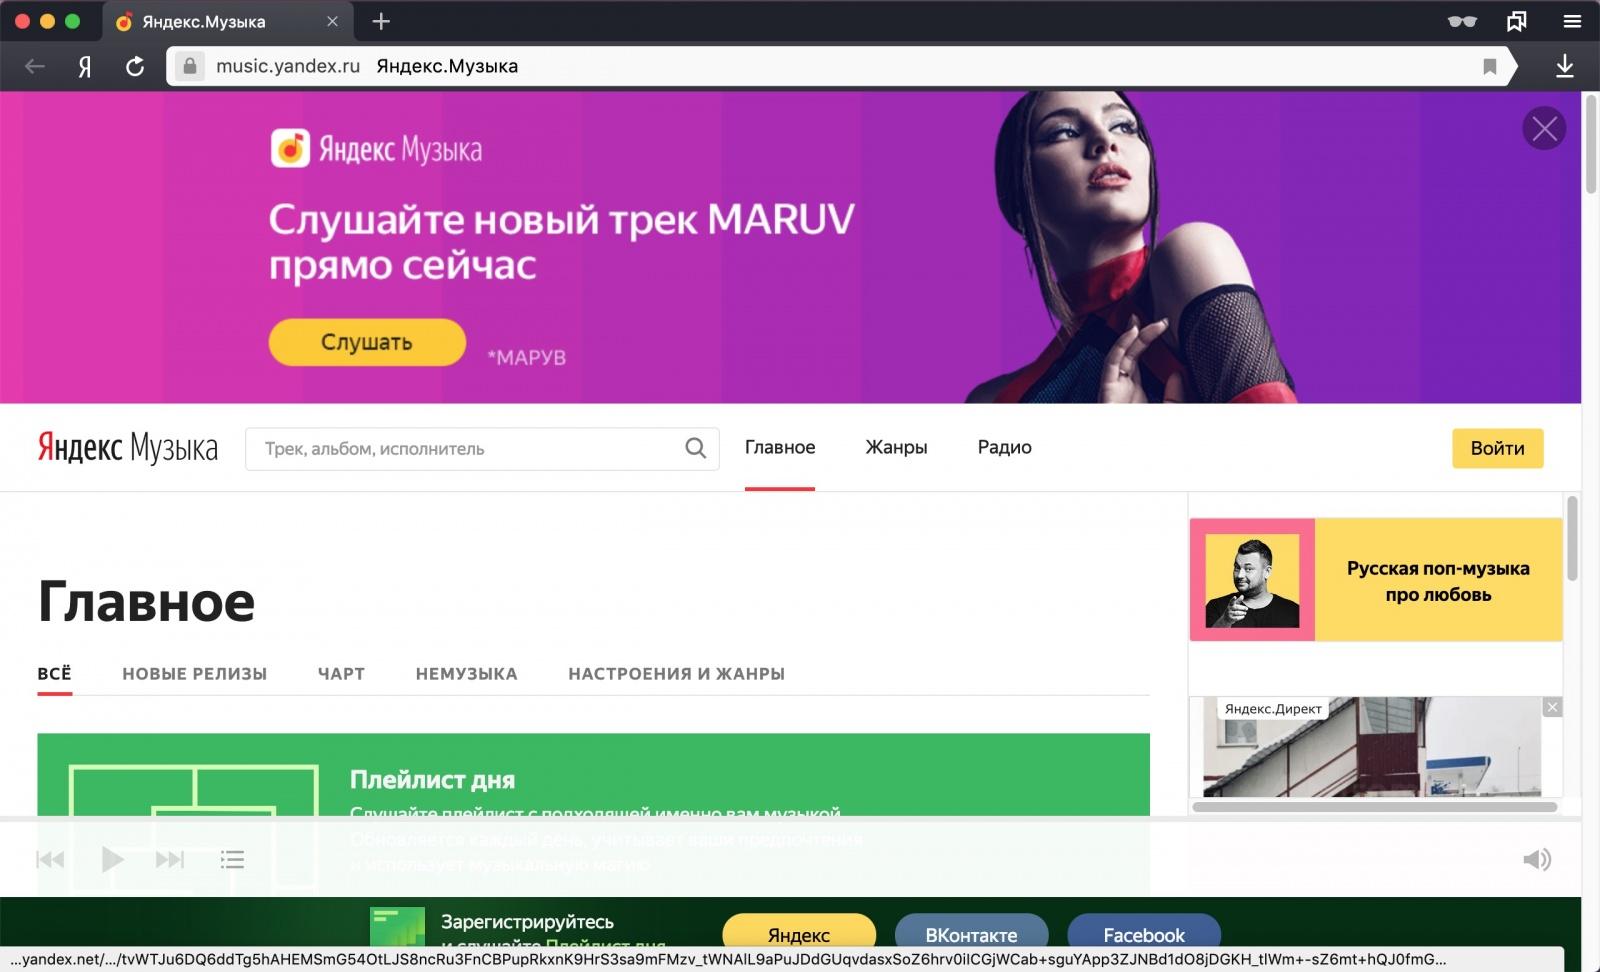 Что не так с Яндекс.Музыкой? UX-UI разбор - 1